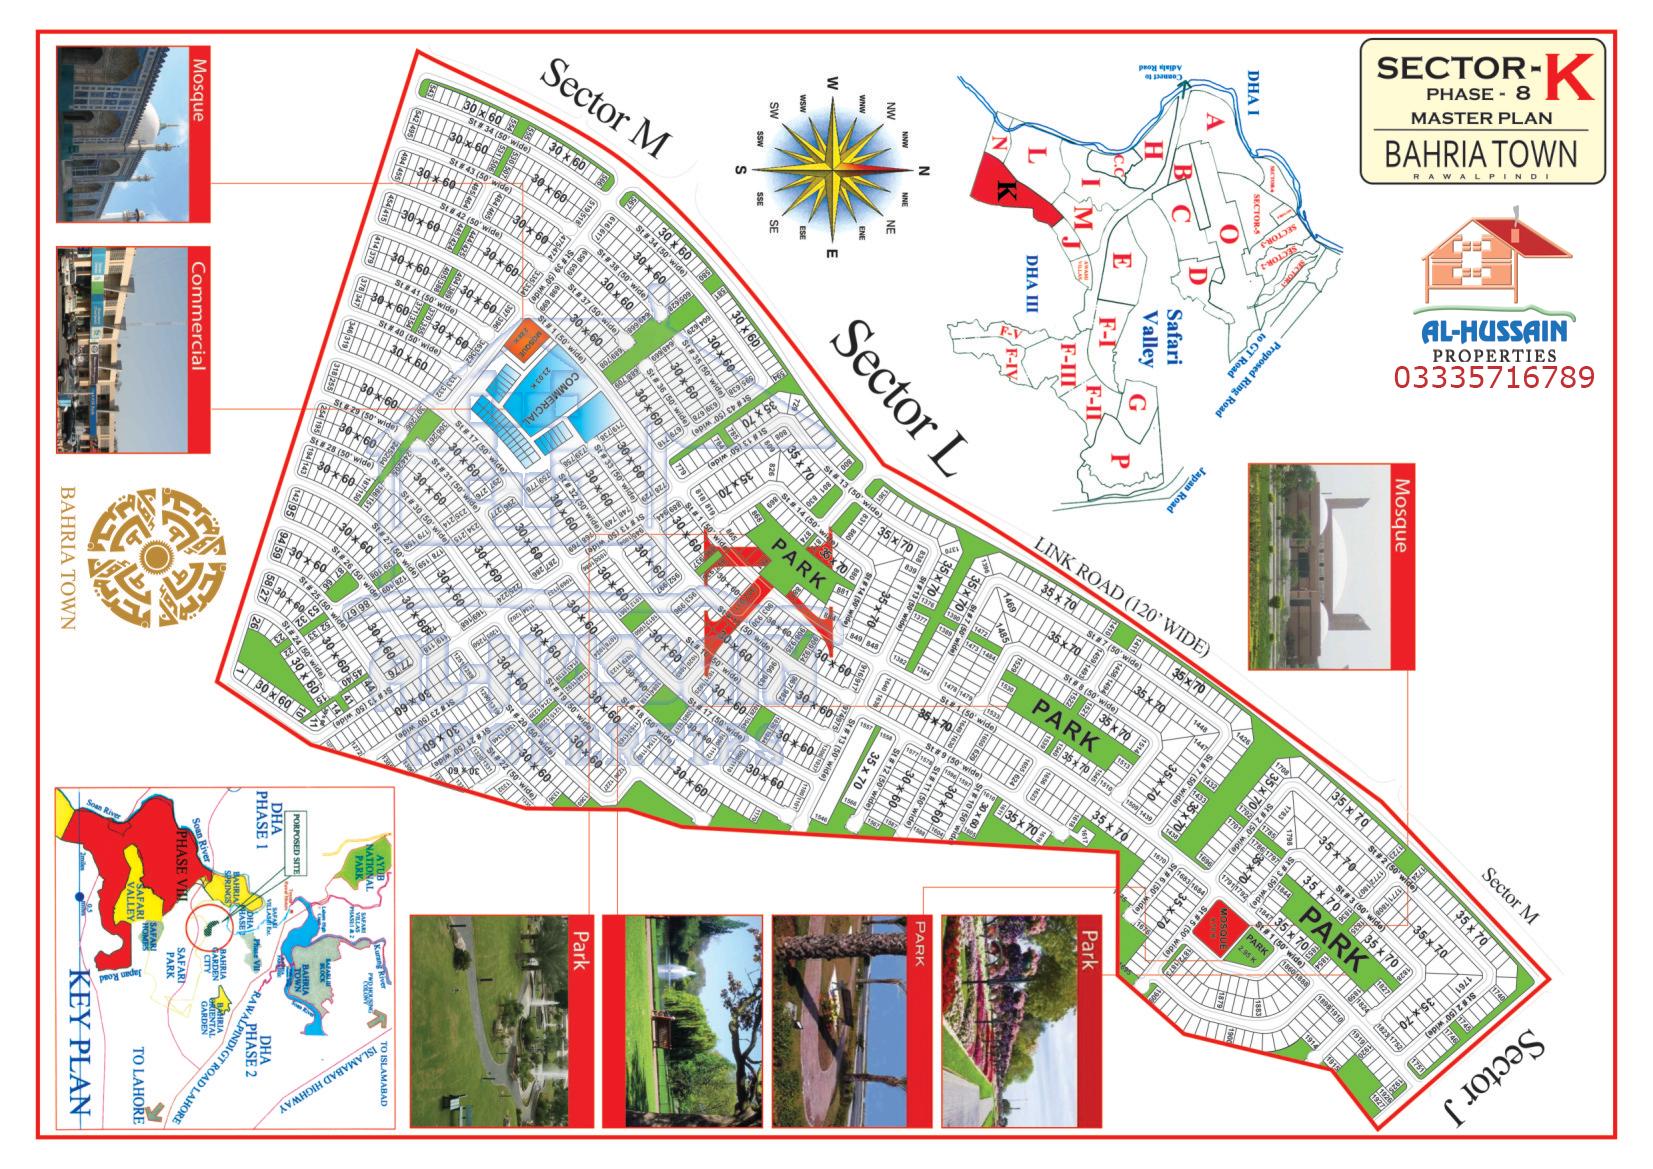 Master Plan Sector K Phase 8 Bahria Town Rawalpindi